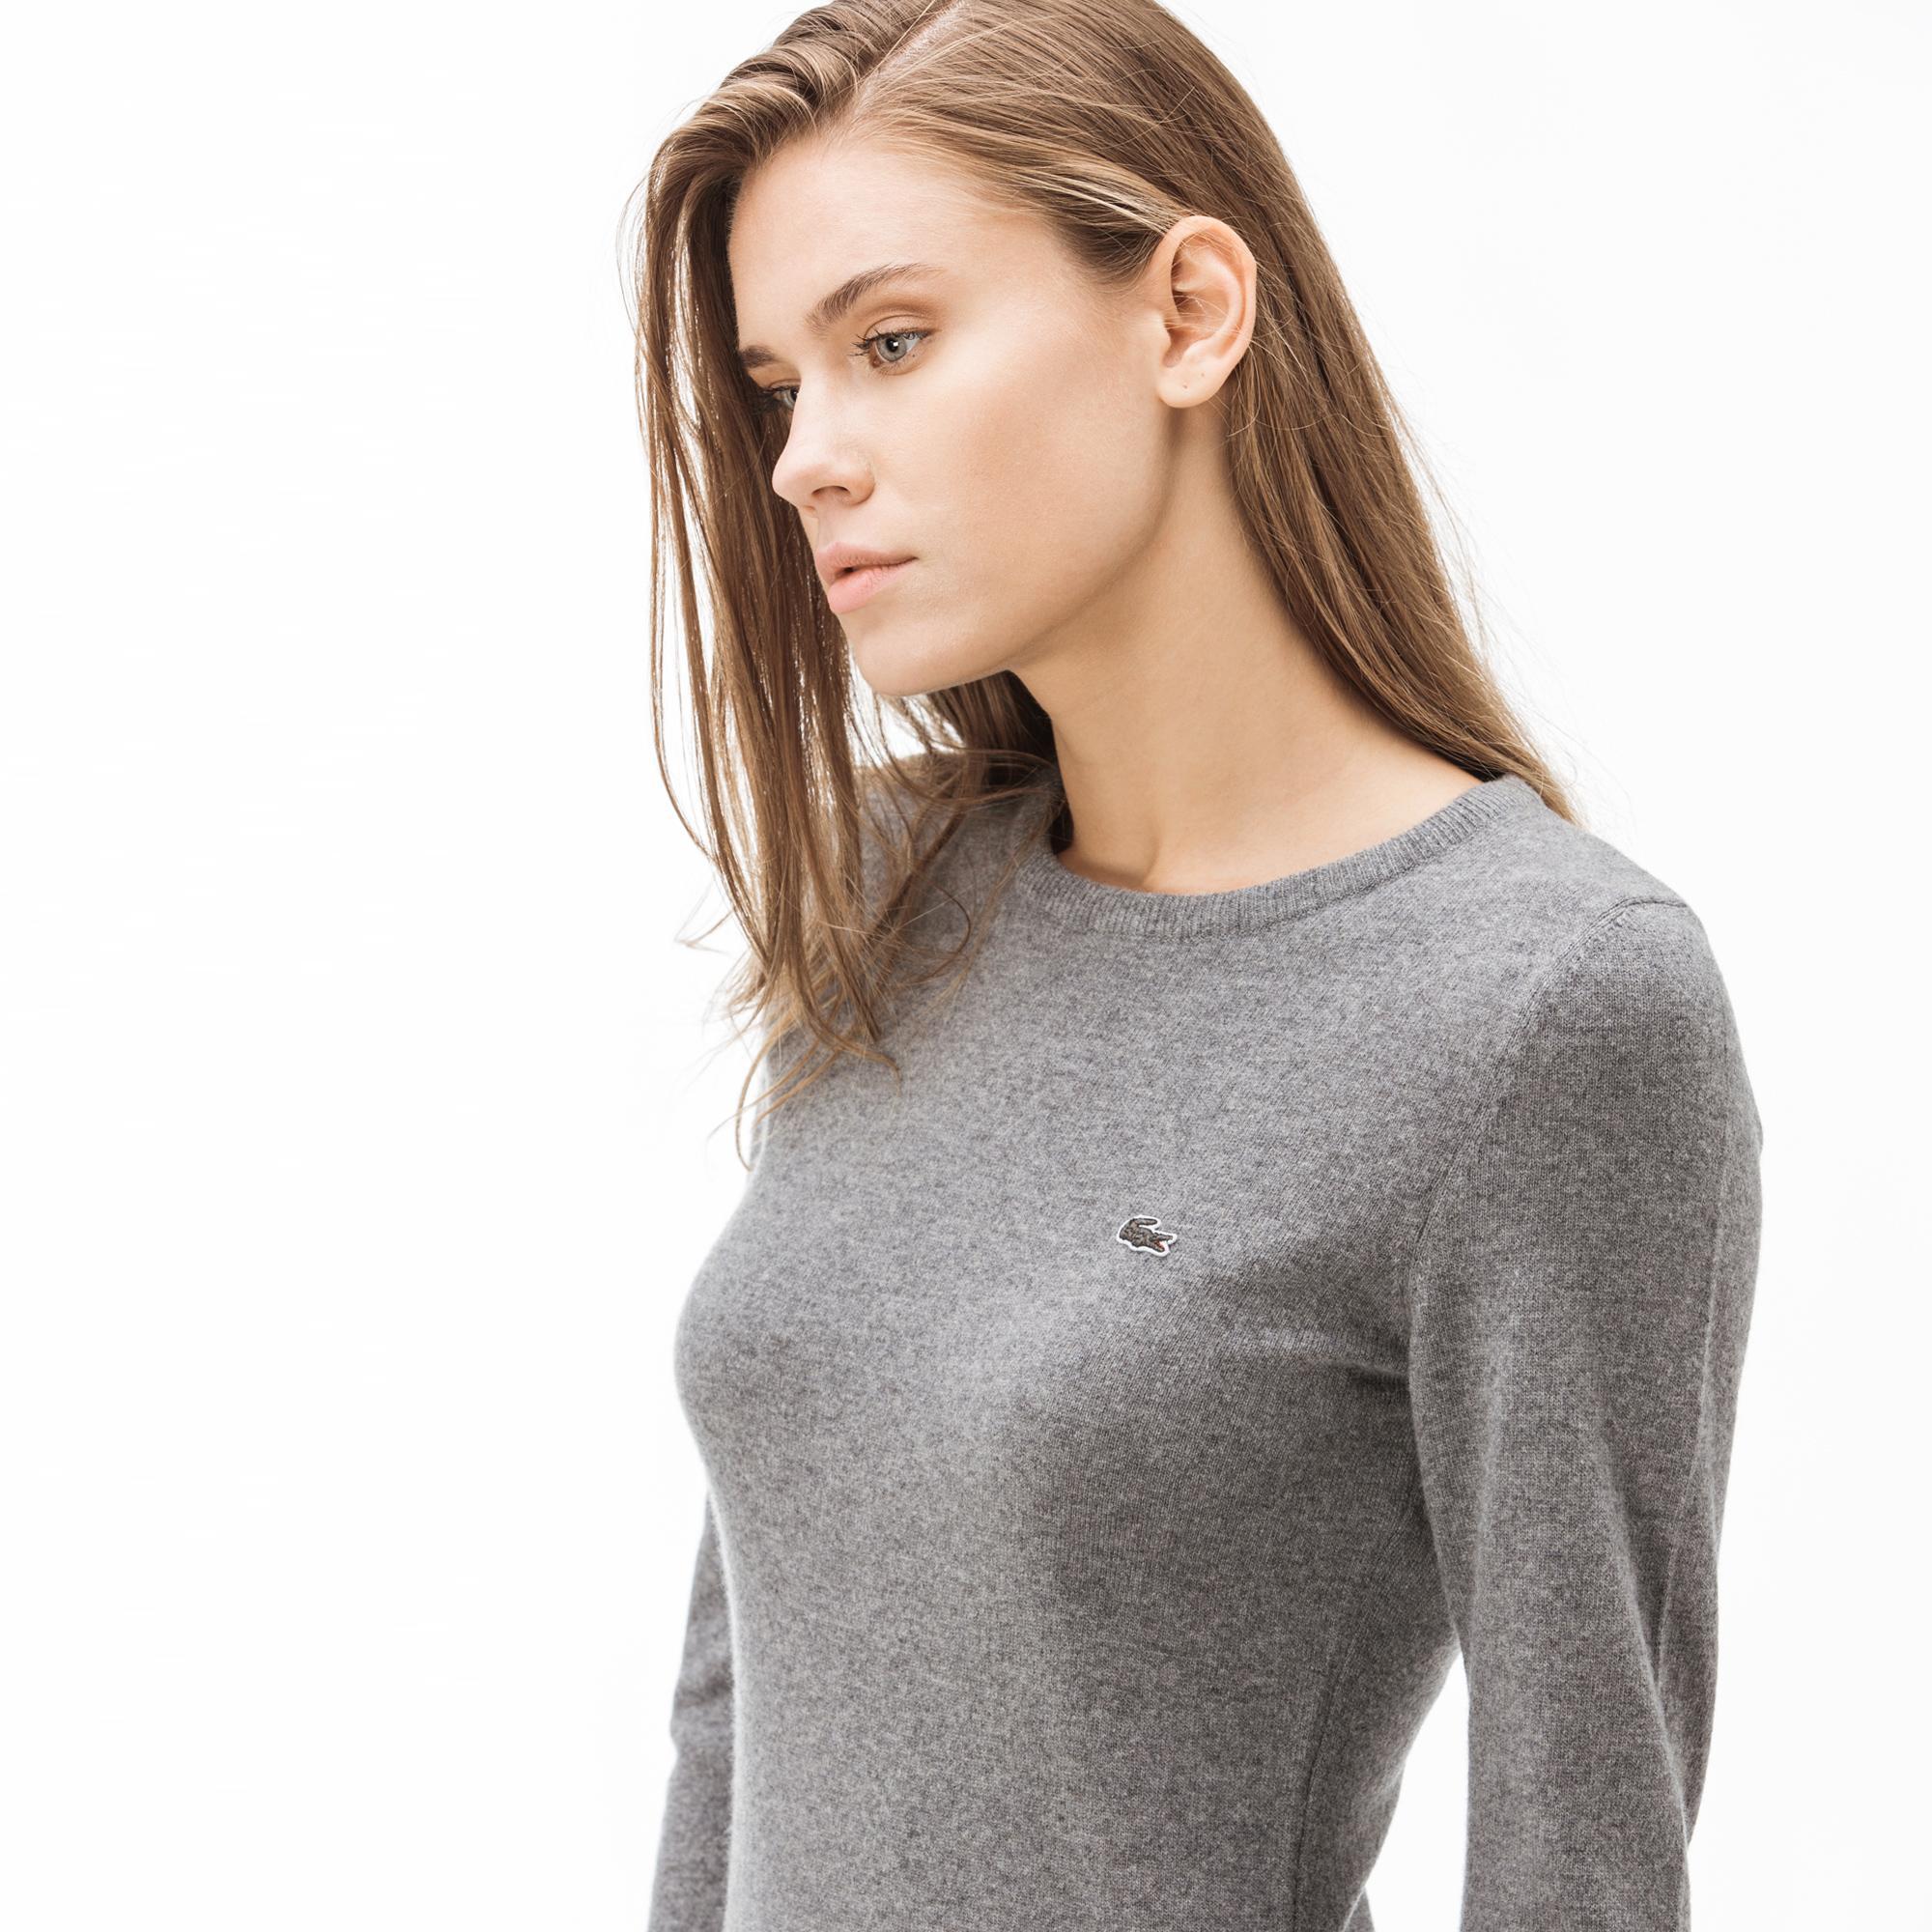 Lacoste Kadın Kaşmir Karışımlı Gri Elbise